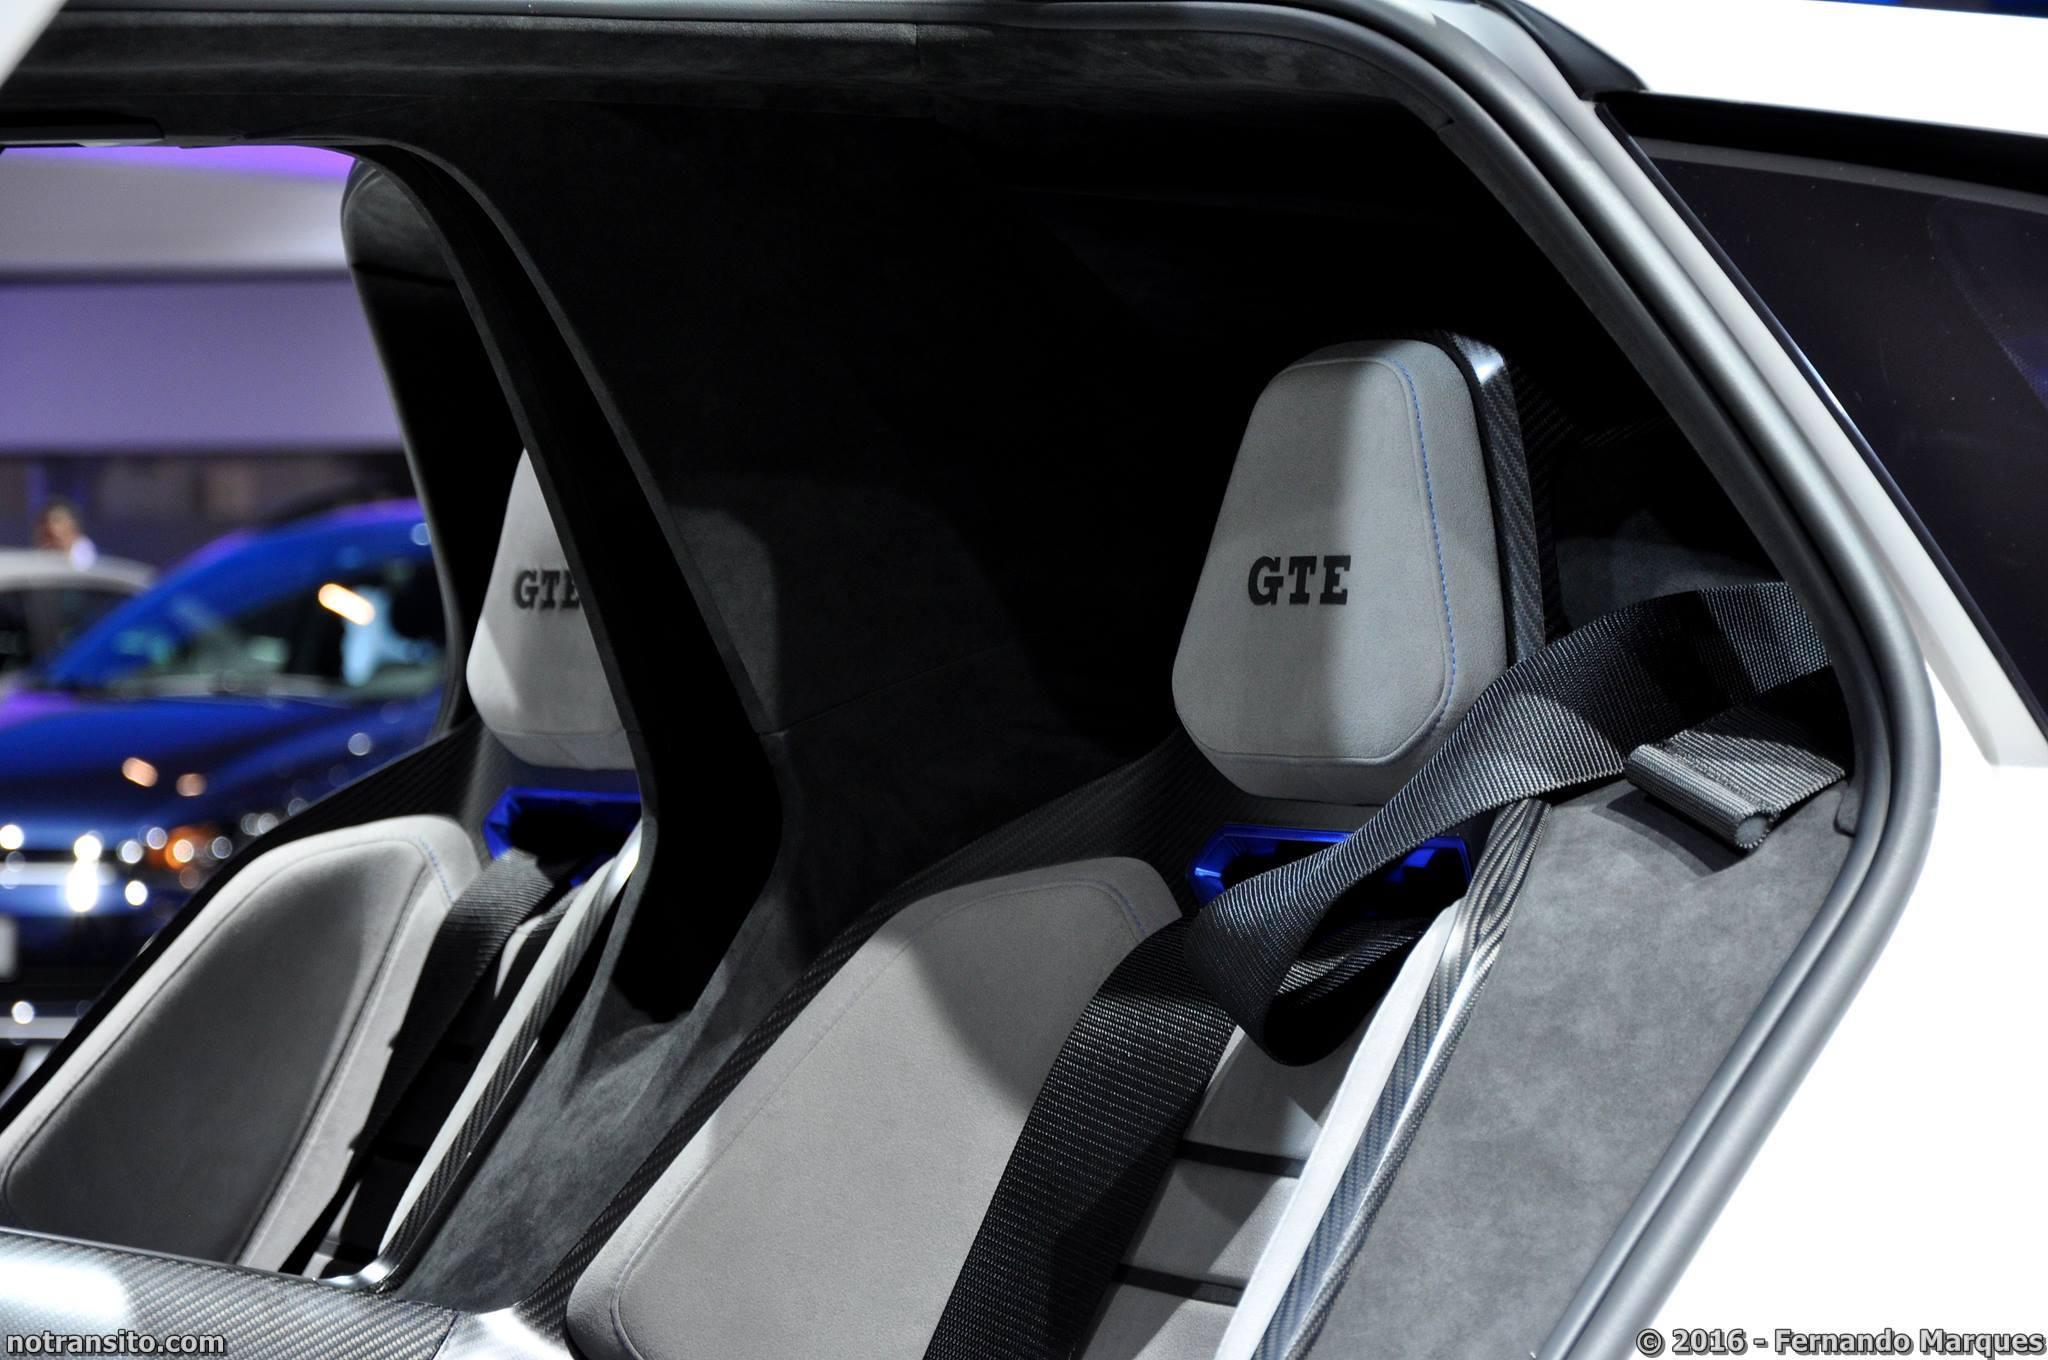 Volkswagen Golf GTE Sport Concept, Salão do Automóvel 2016, 29º Salão do Automóvel de São Paulo